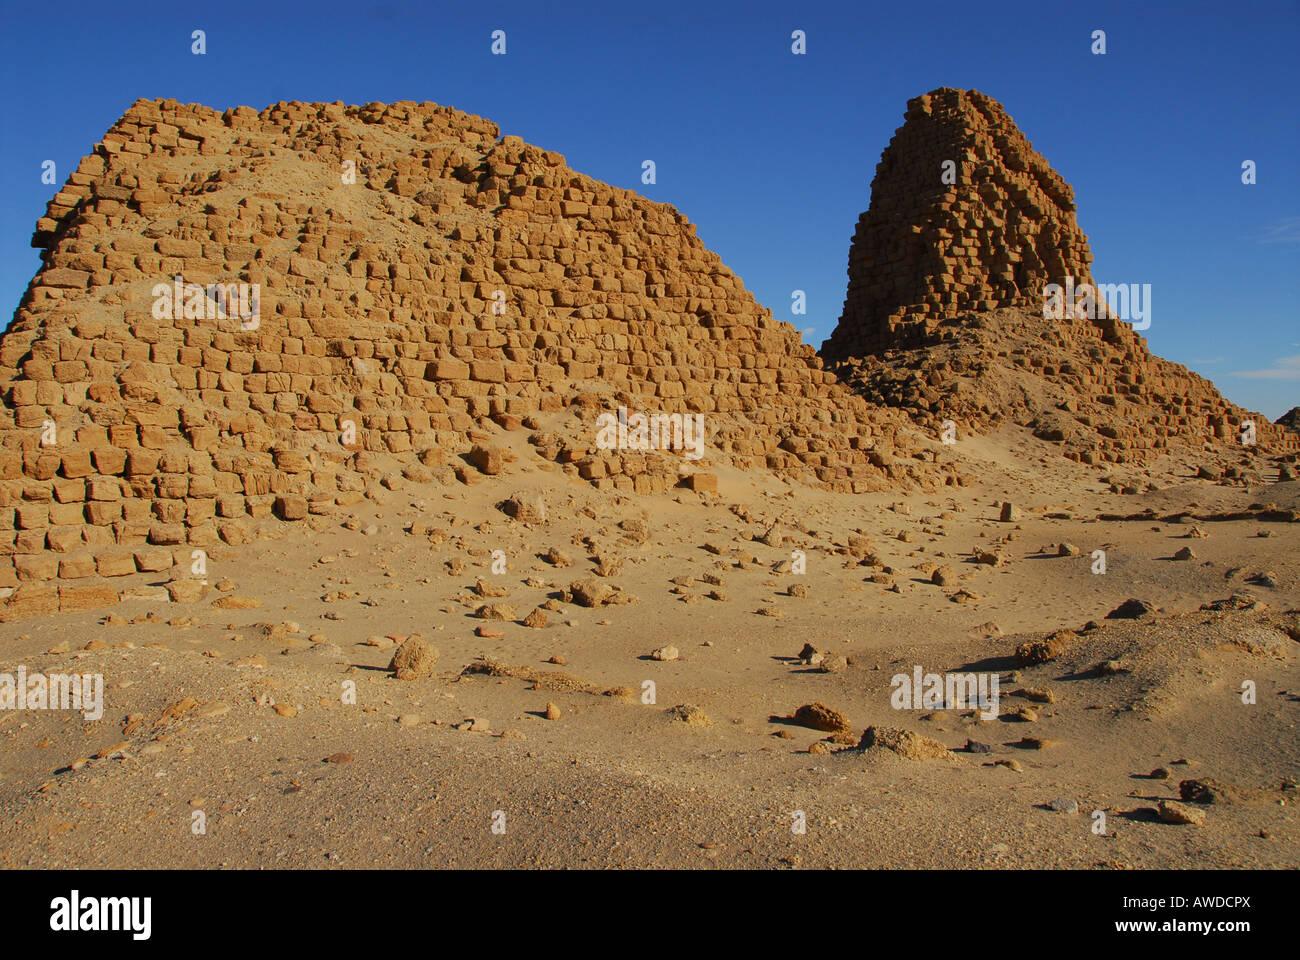 Pyramids, Nuri, Sudan, Africa Stock Photo